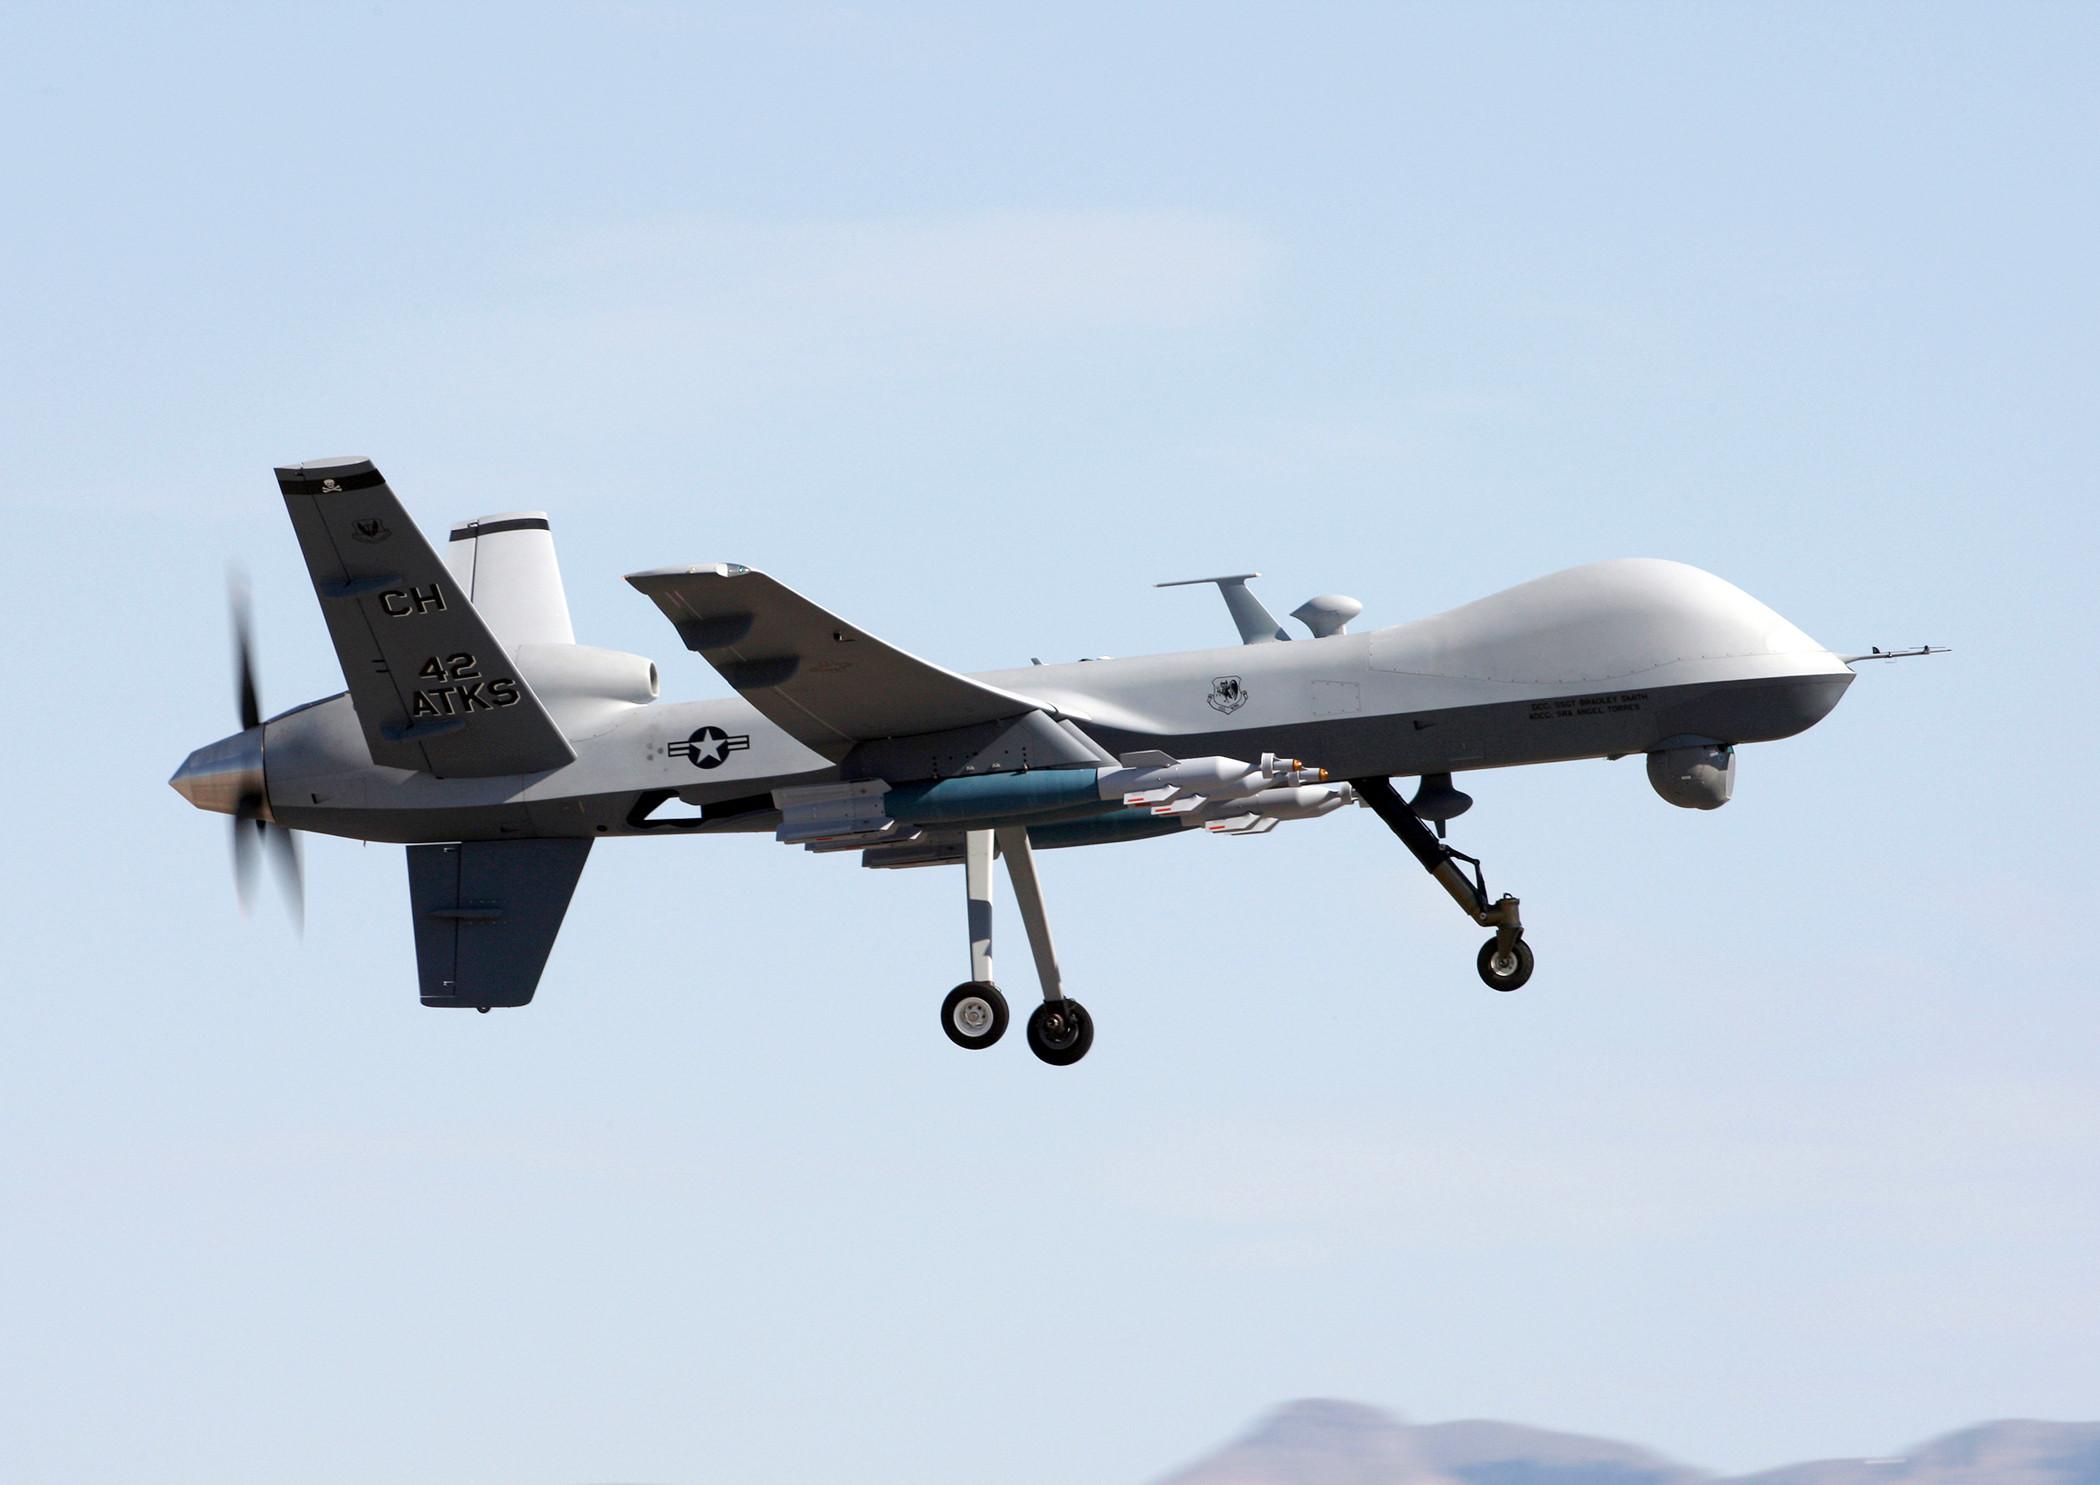 中科院,國防部,無人機,飛安,國軍,國防,B-52H,M-Q9,太平島,共軍